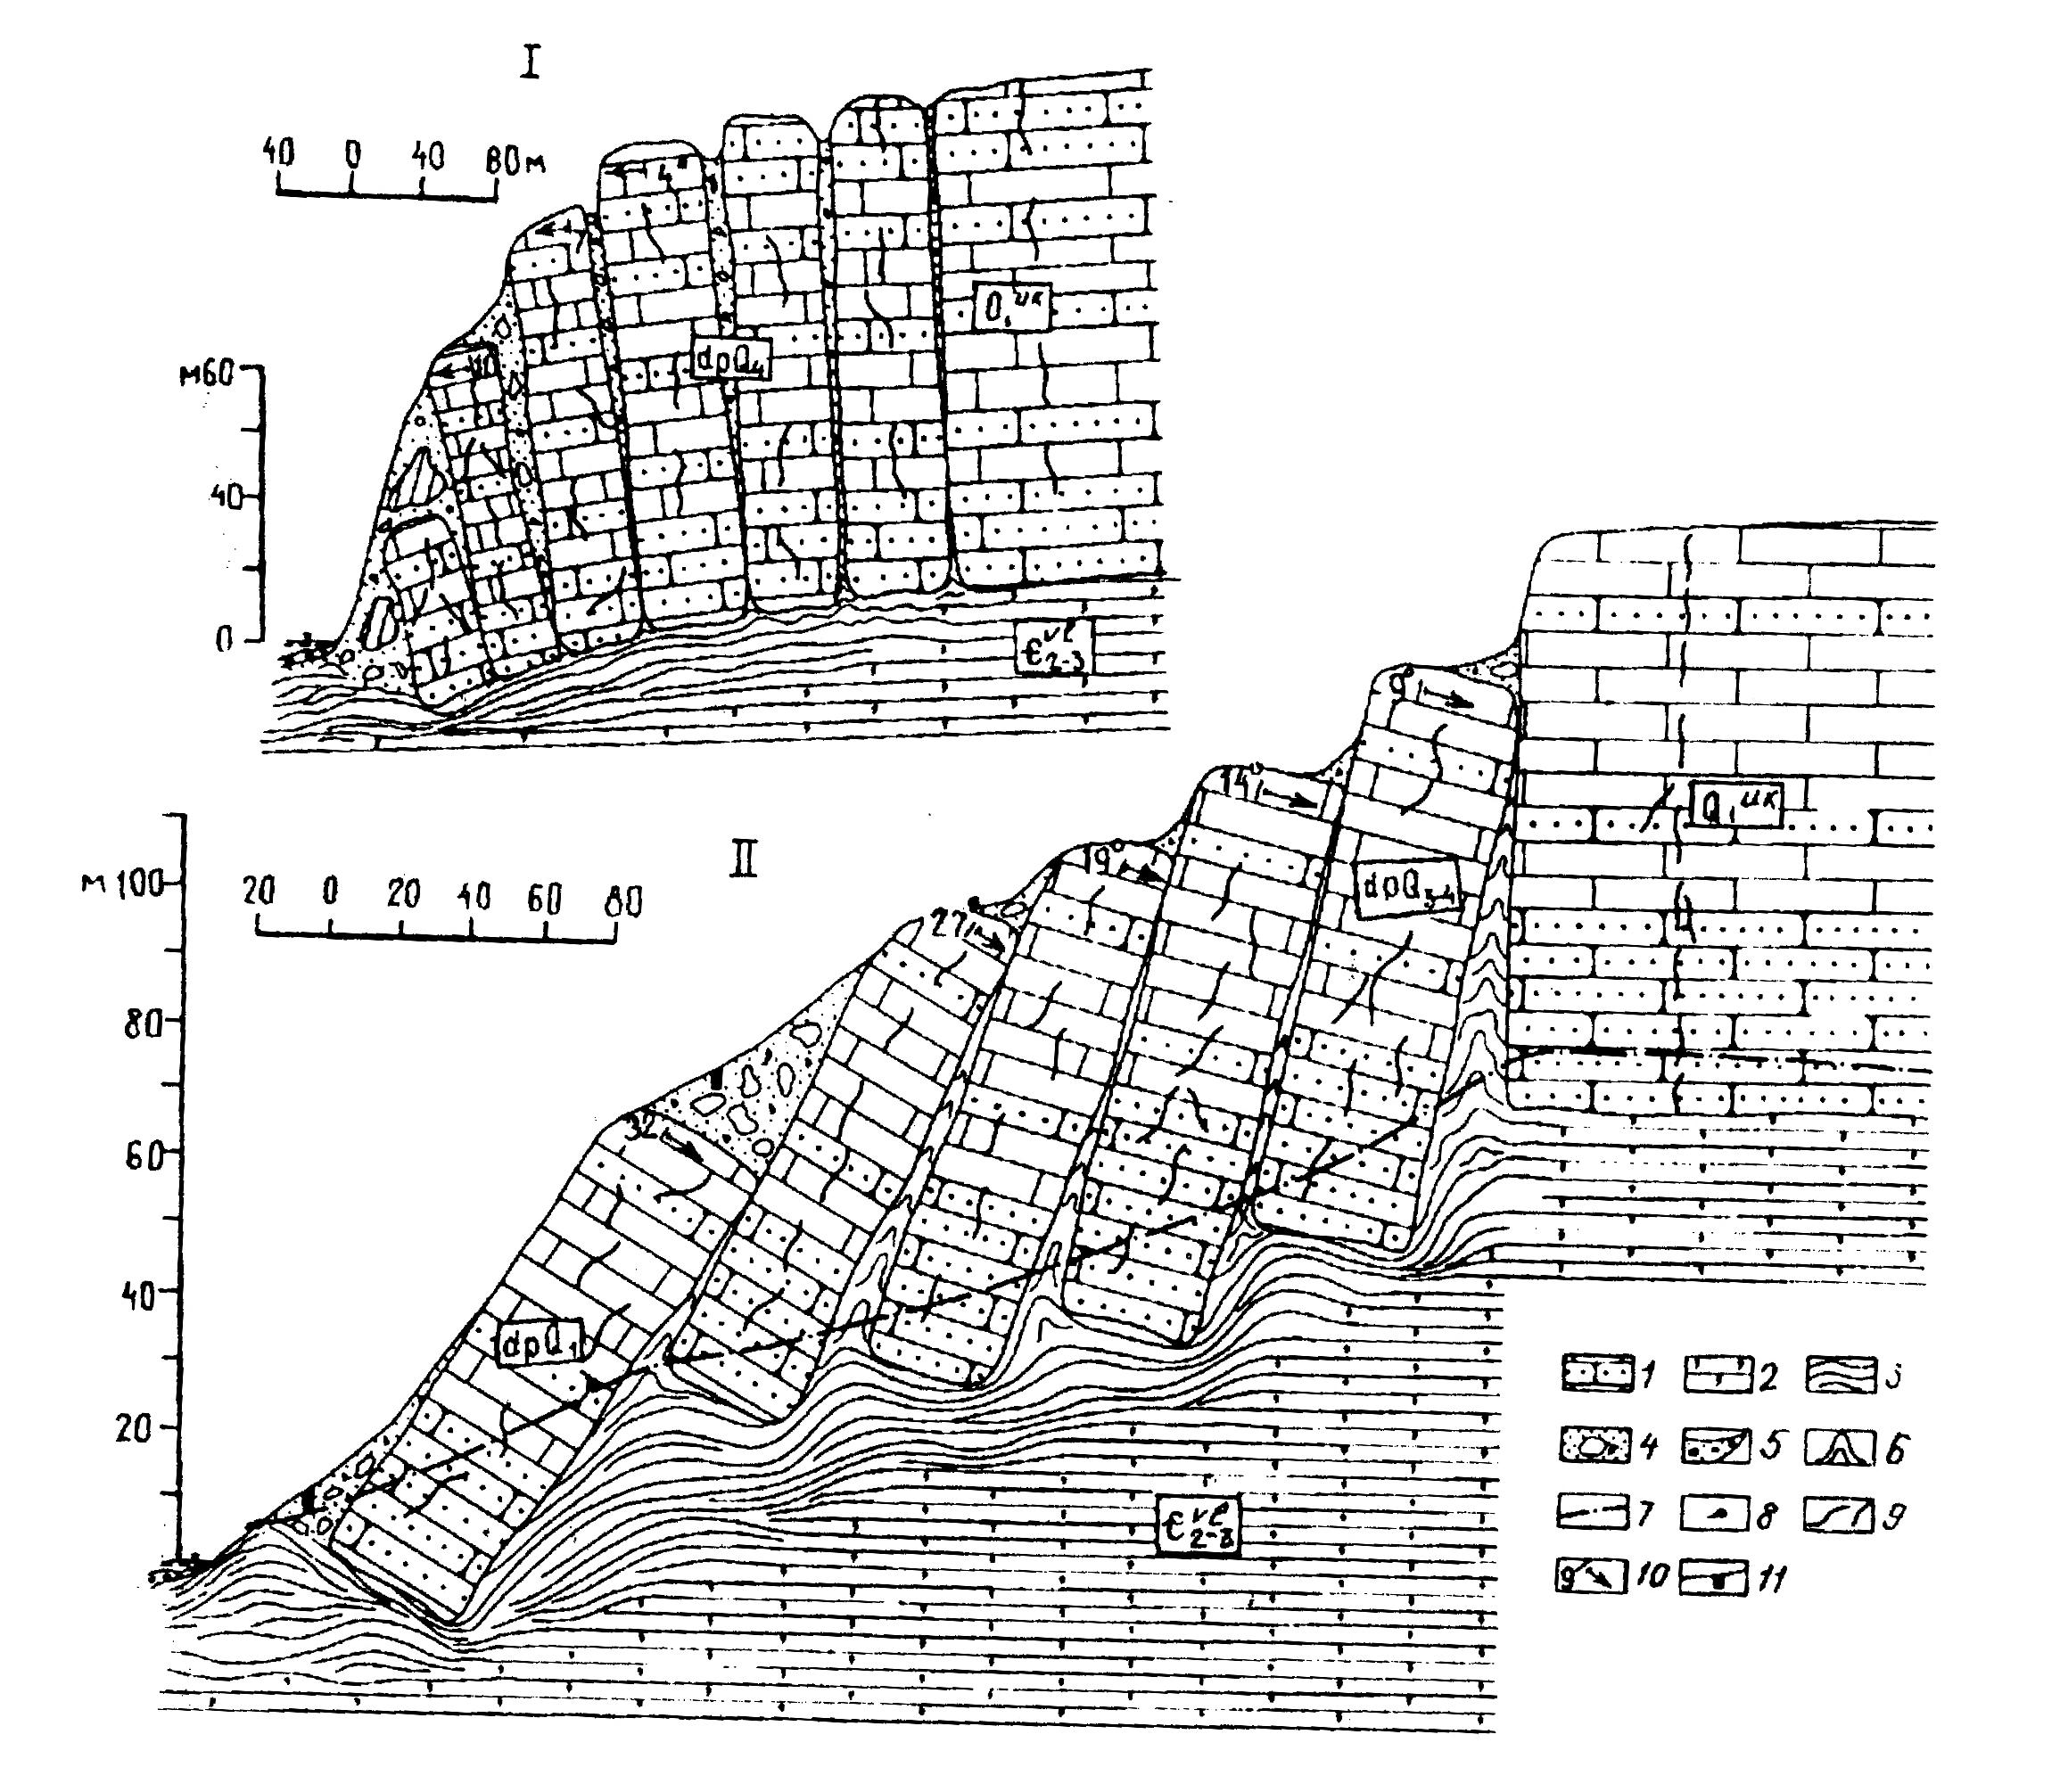 2 Принципиальная схема формирования и развития блочных оползней Восточной Сибири, по Ю.Б. Тржцинскому